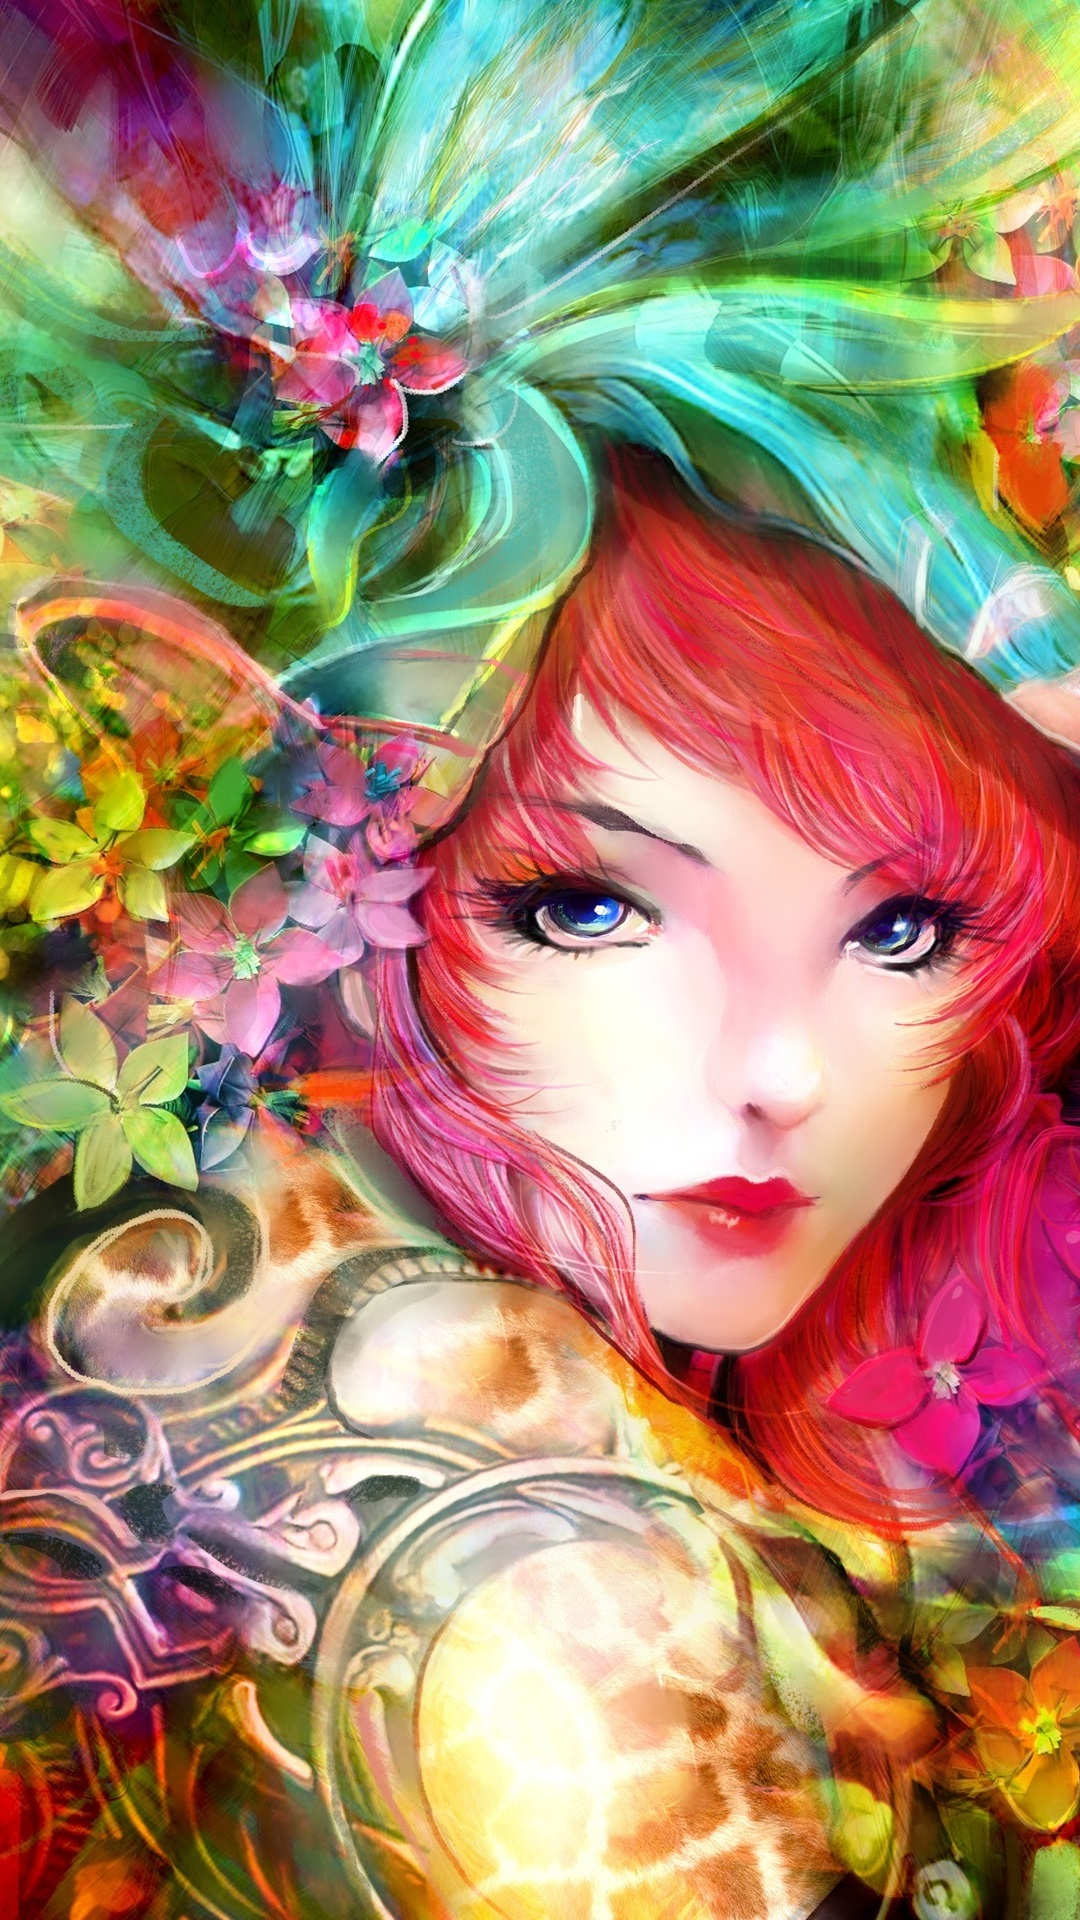 アートの絵画 女の子 目 顔 花 赤い髪 カラフル 1080x1920